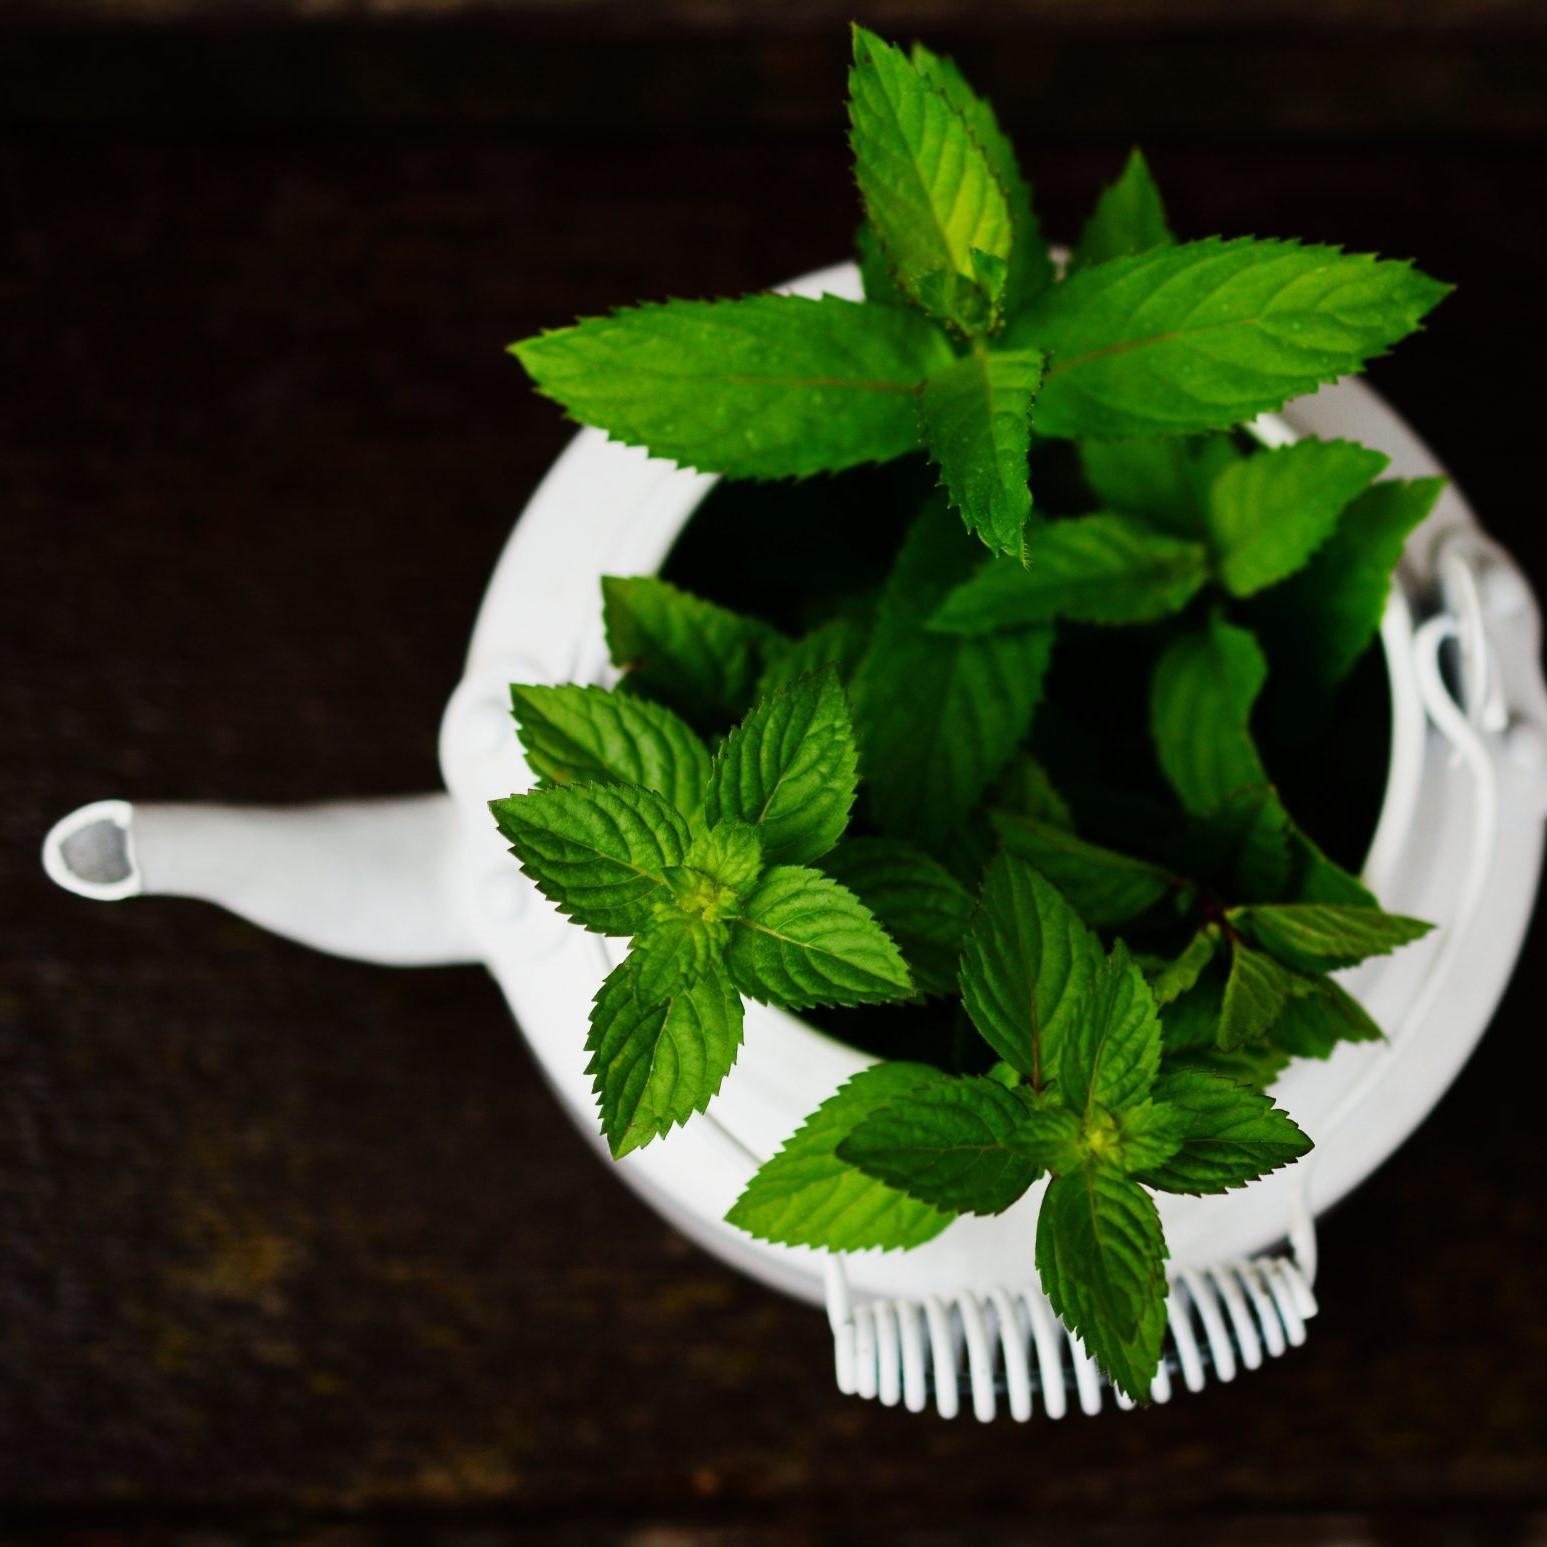 peppermint-teapot-2048x1547-1.jpg